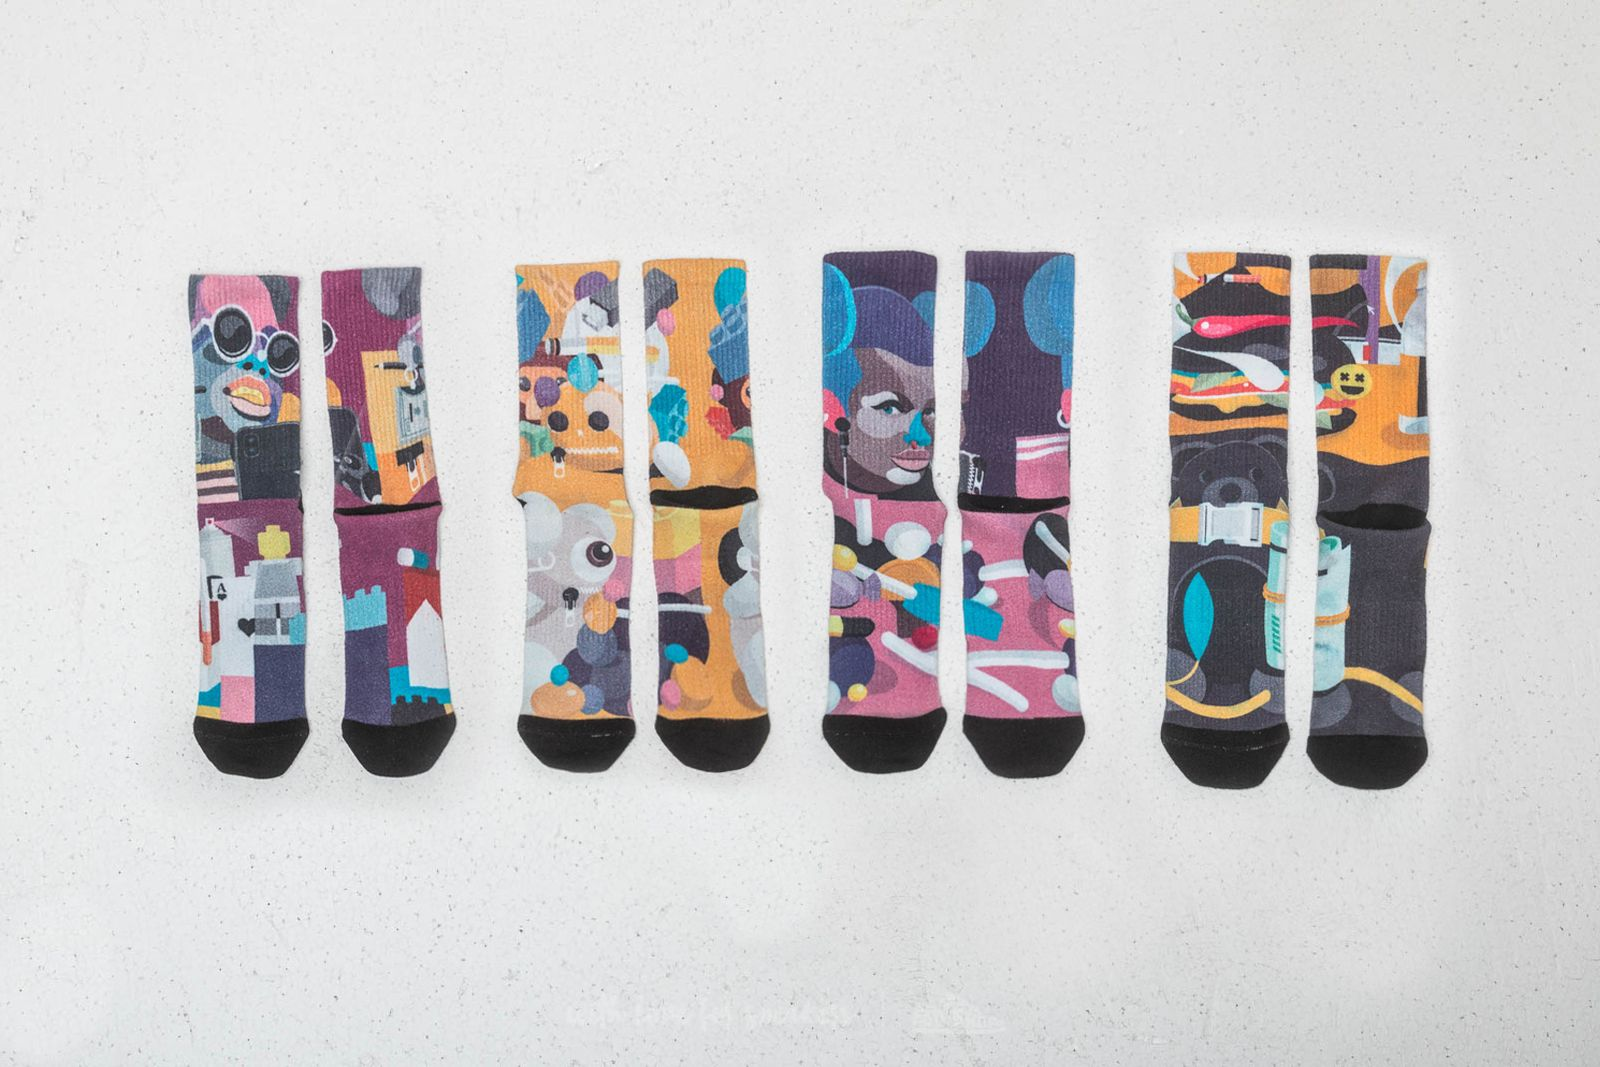 Moon Socks x Marek Mraz Pack Socks za skvělou cenu 849 Kč koupíte na Footshop.cz